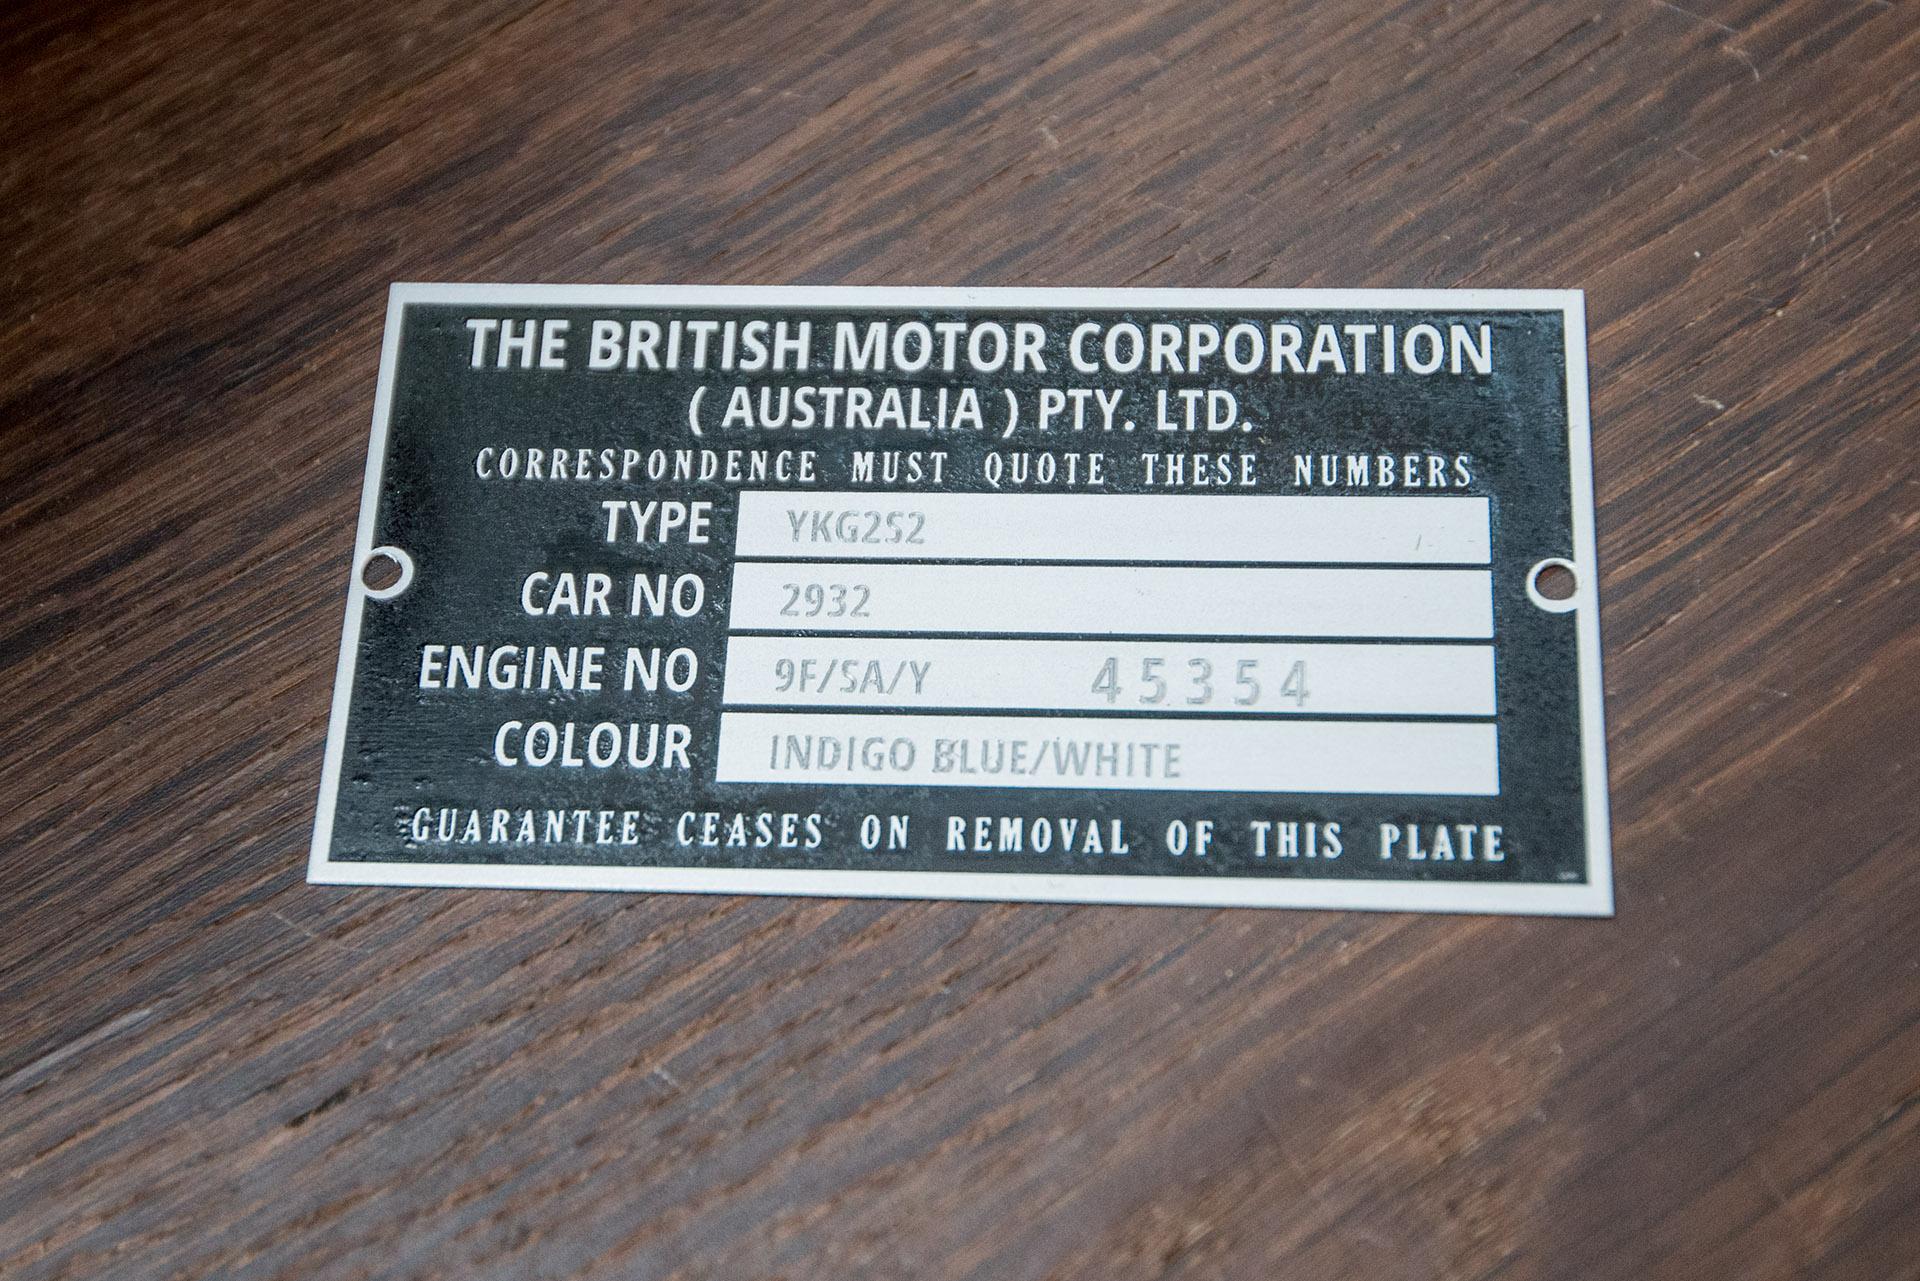 White Mini Cooper >> 1968 Morris Cooper S - Richmonds - Classic and Prestige Cars - Storage and Sales - Adelaide ...